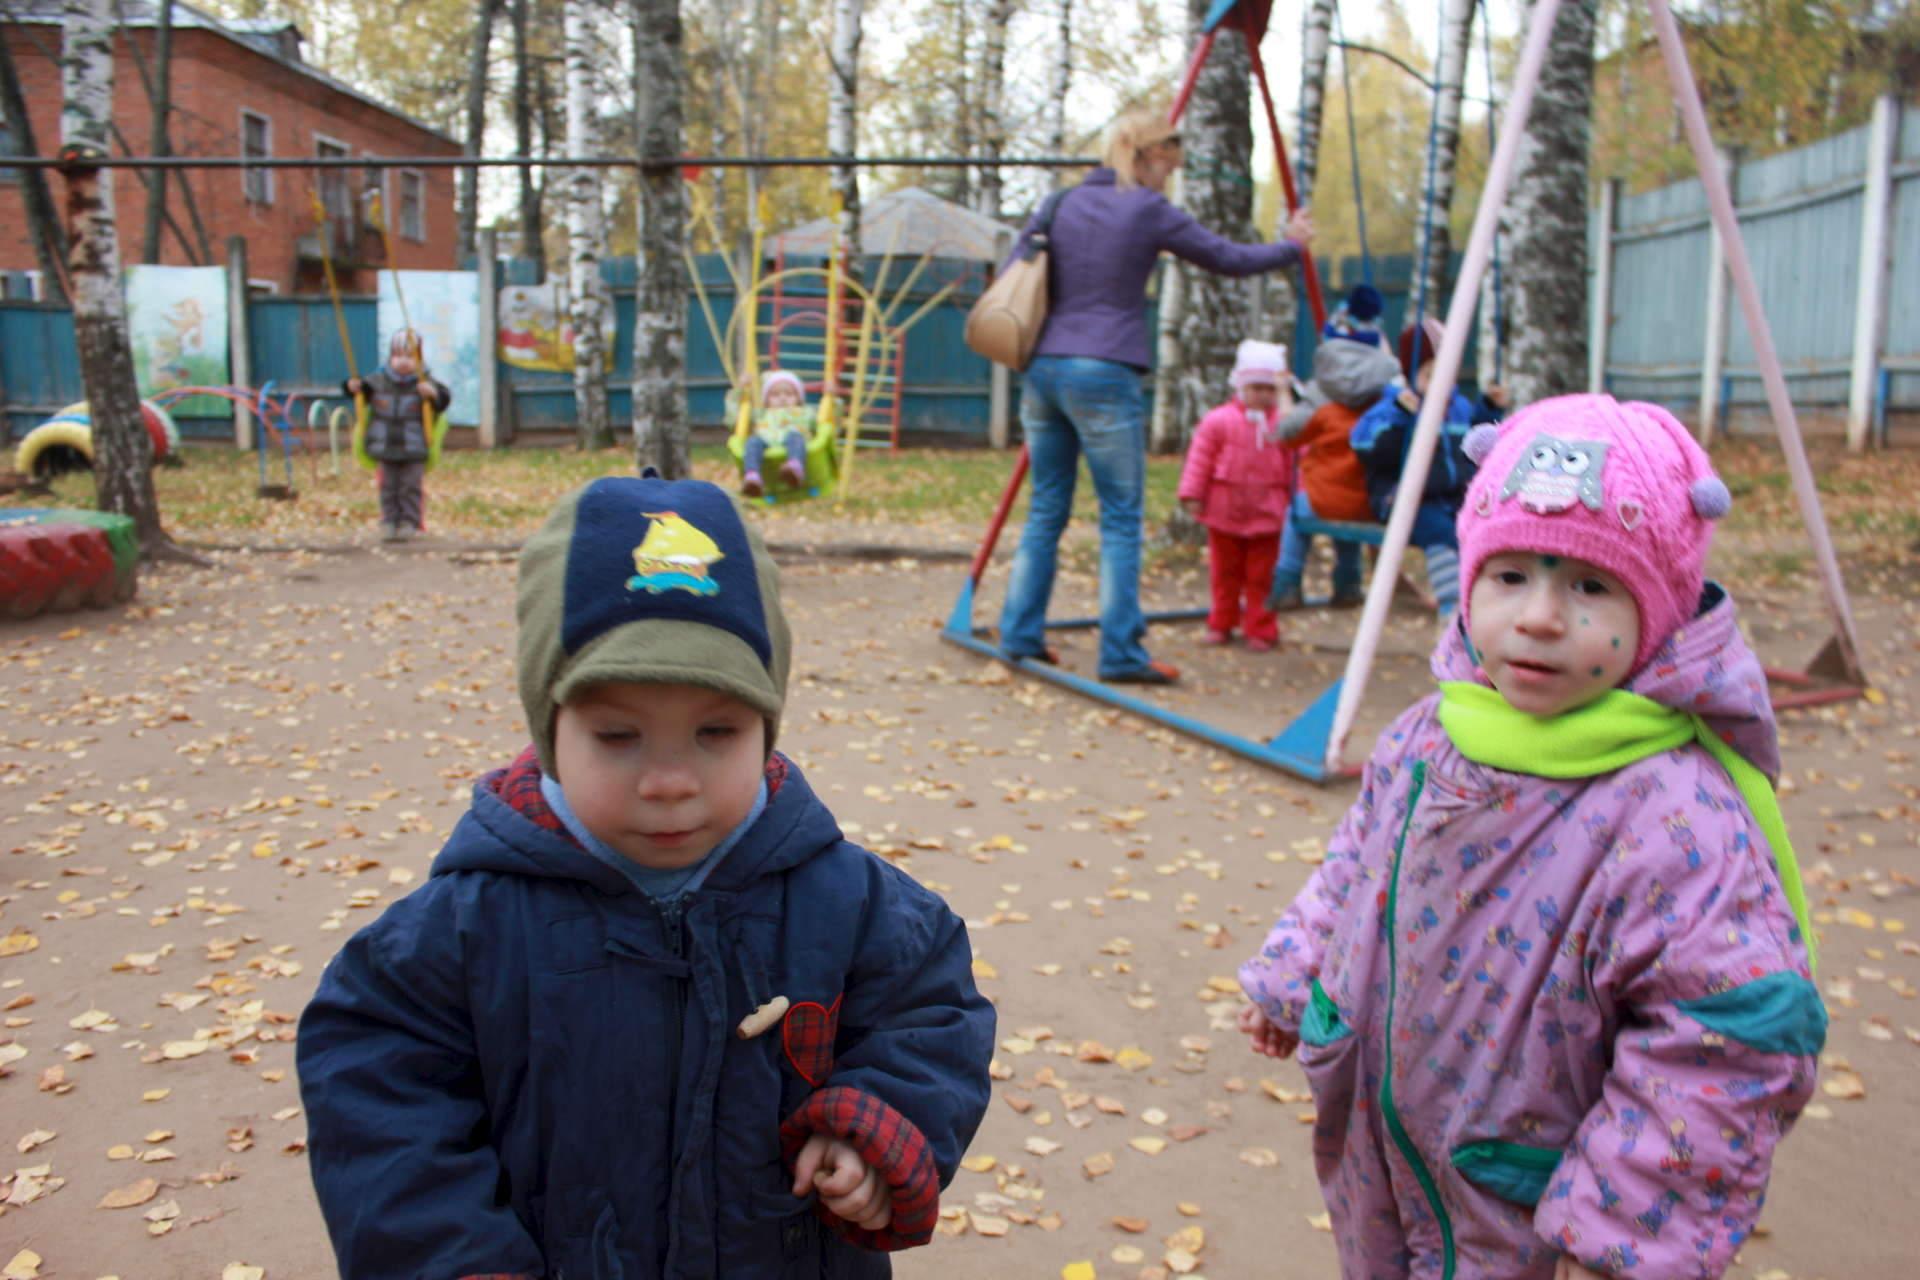 Детский дом воткинск фото детей